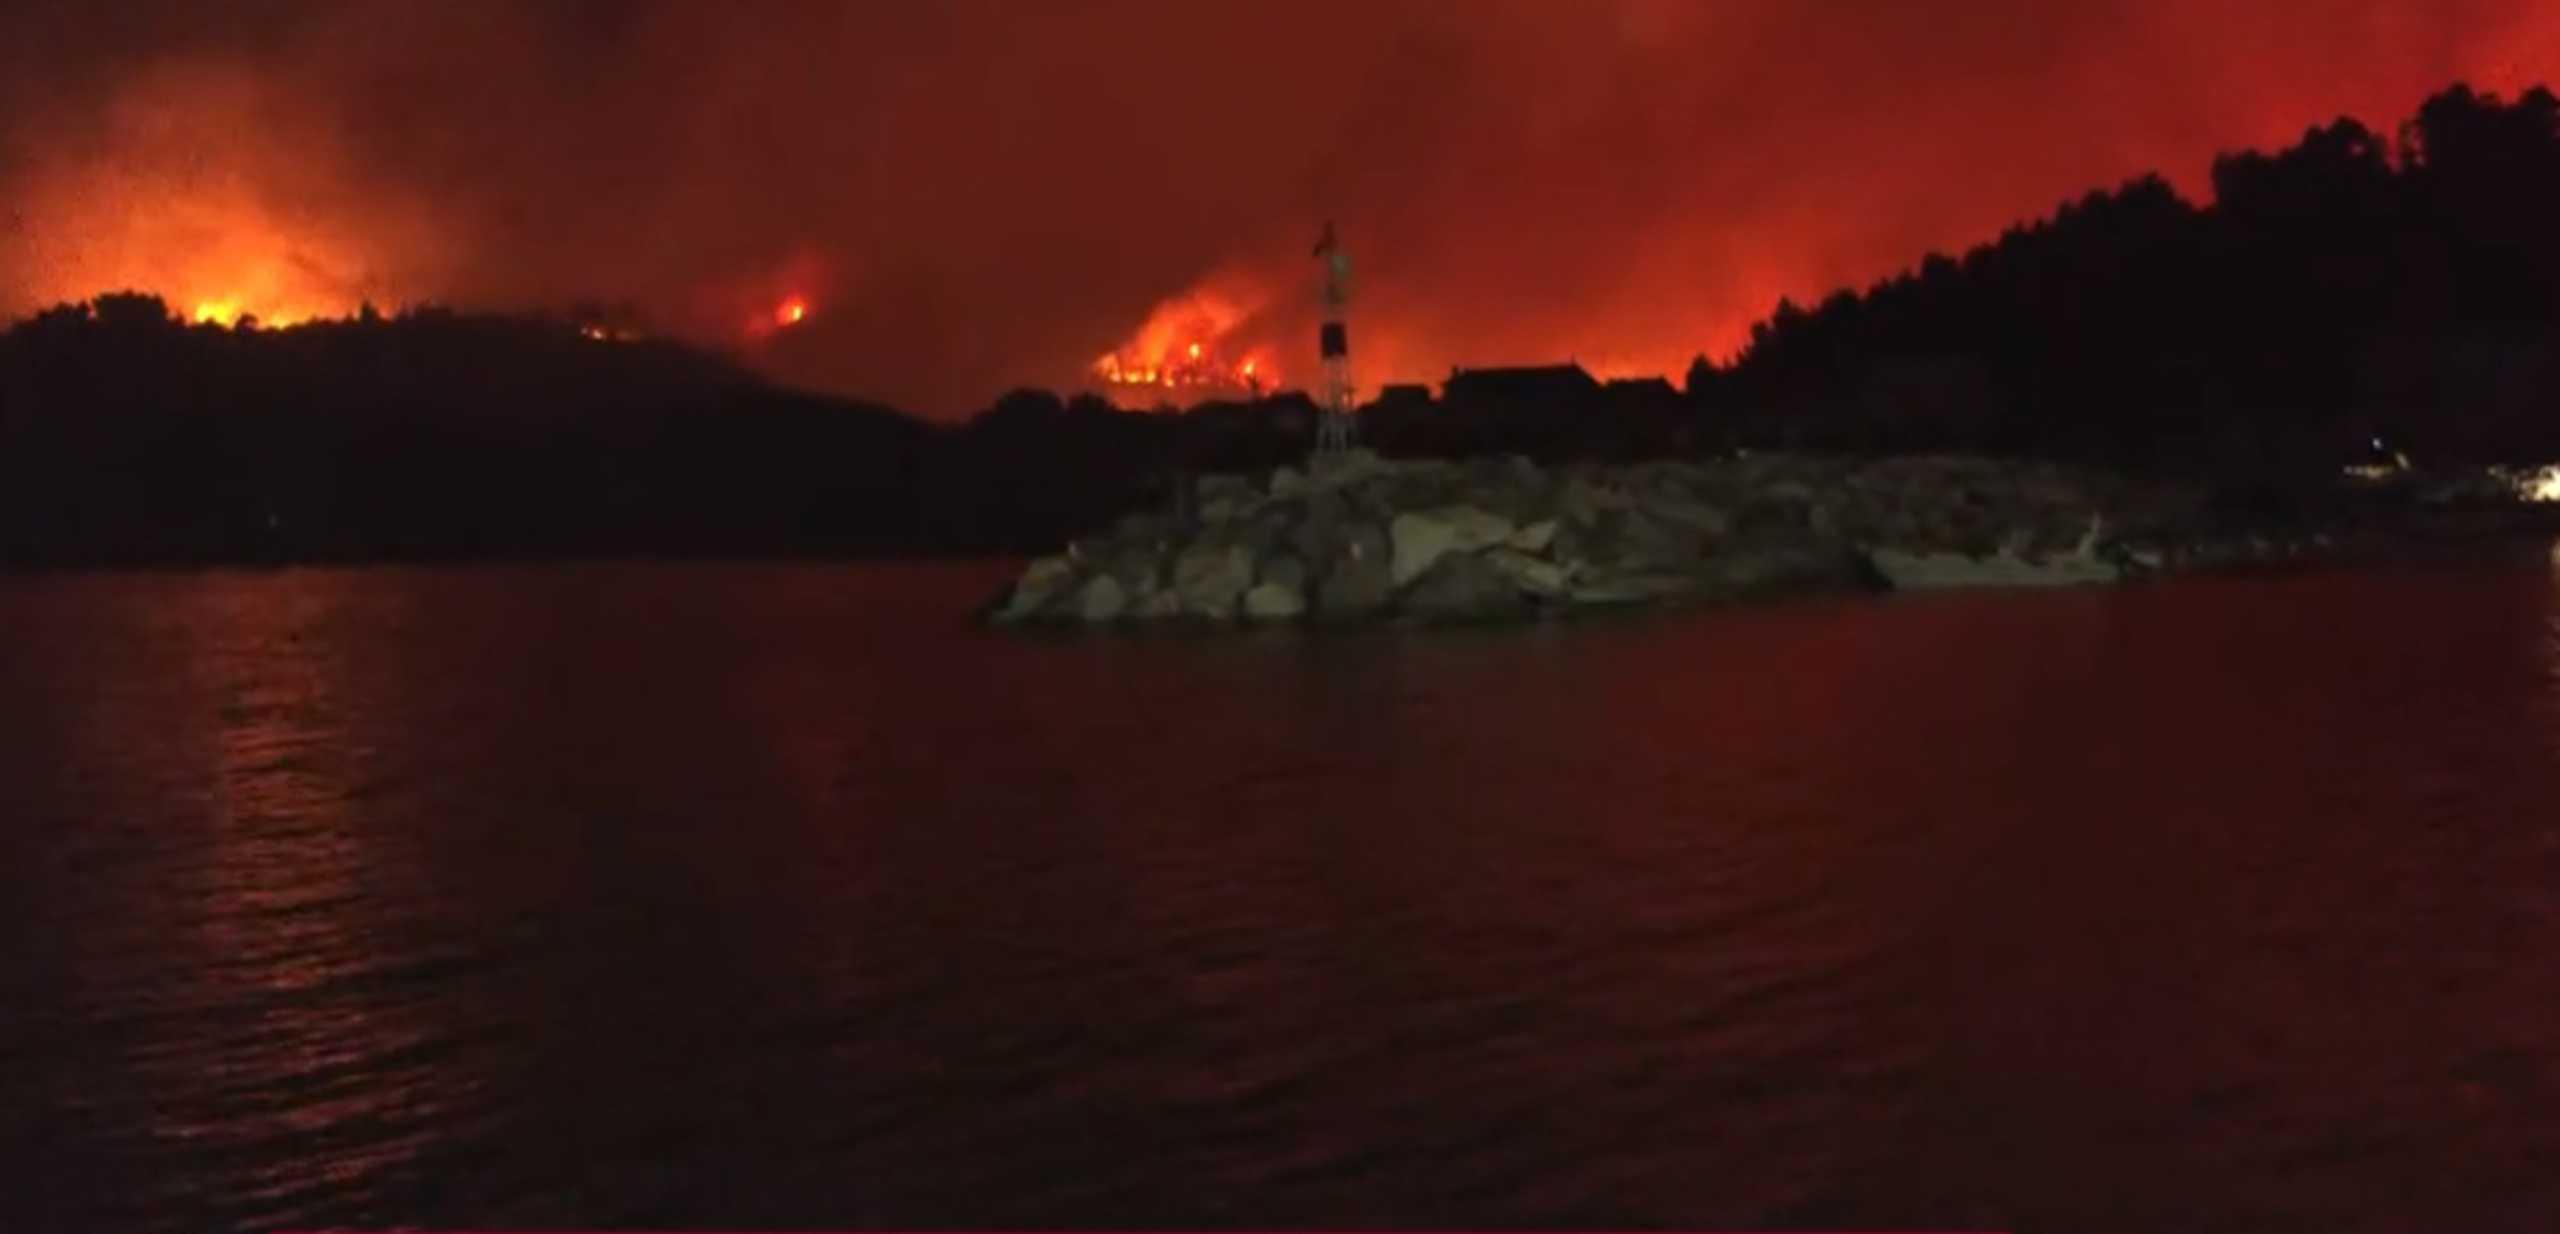 Φωτιά στην Εύβοια: Ακόμα μία νύχτα τιτάνιας μάχης με τις φλόγες – Πλησιάζει την Ιστιαία η λαίλαπα